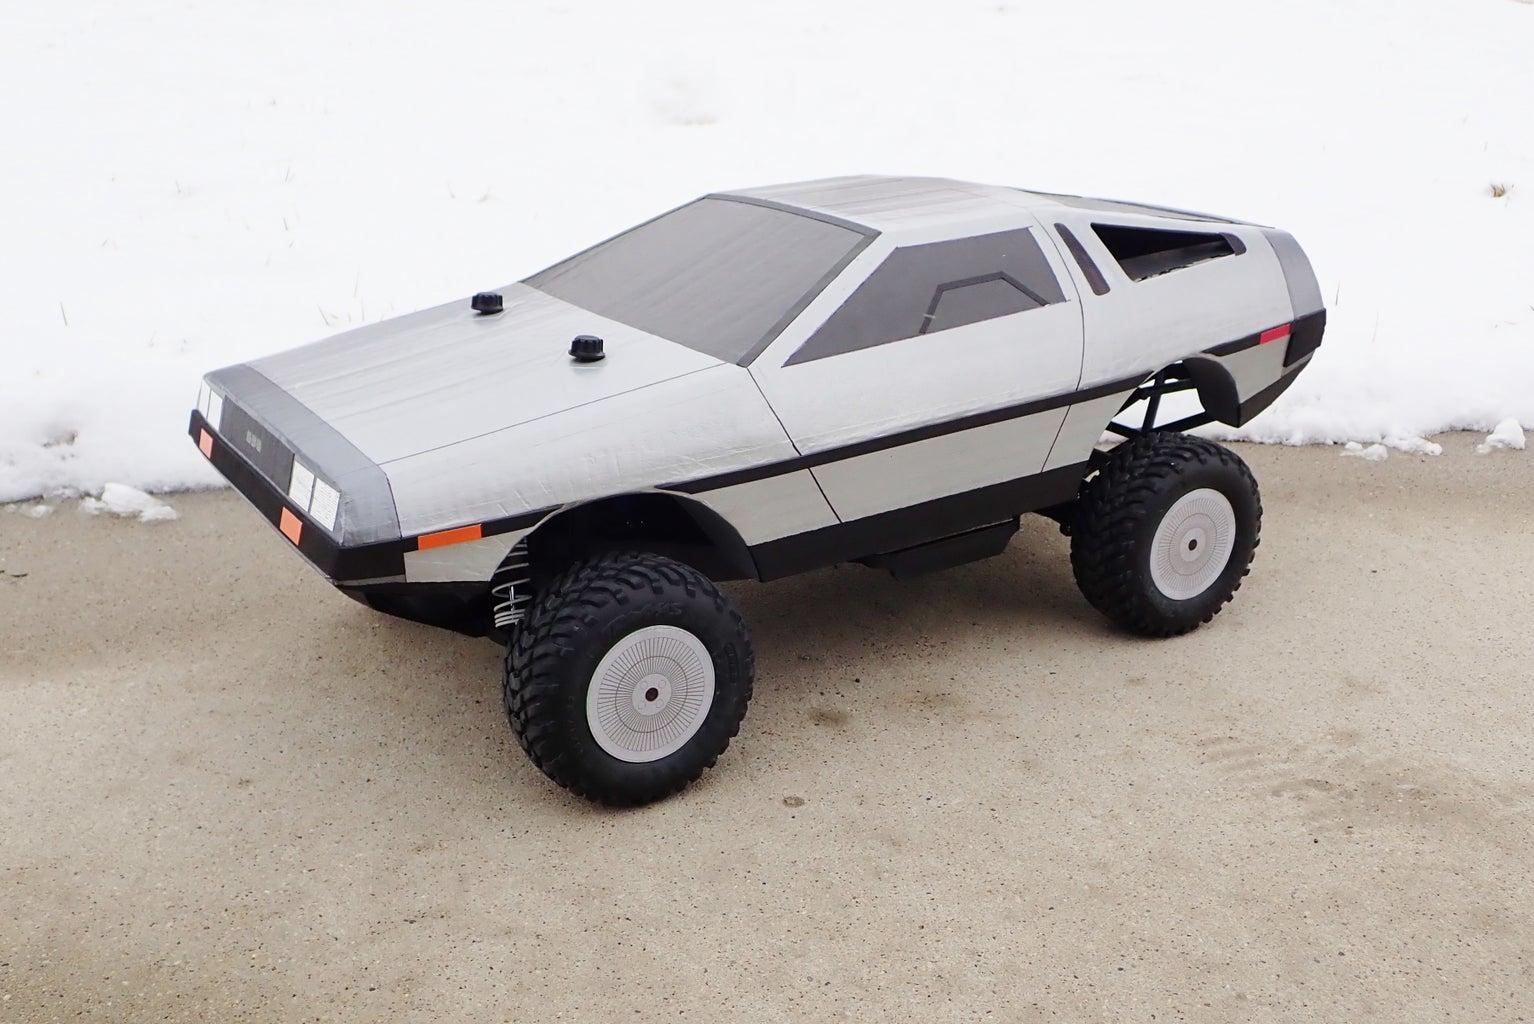 Make a Cardboard DeLorean RC Body